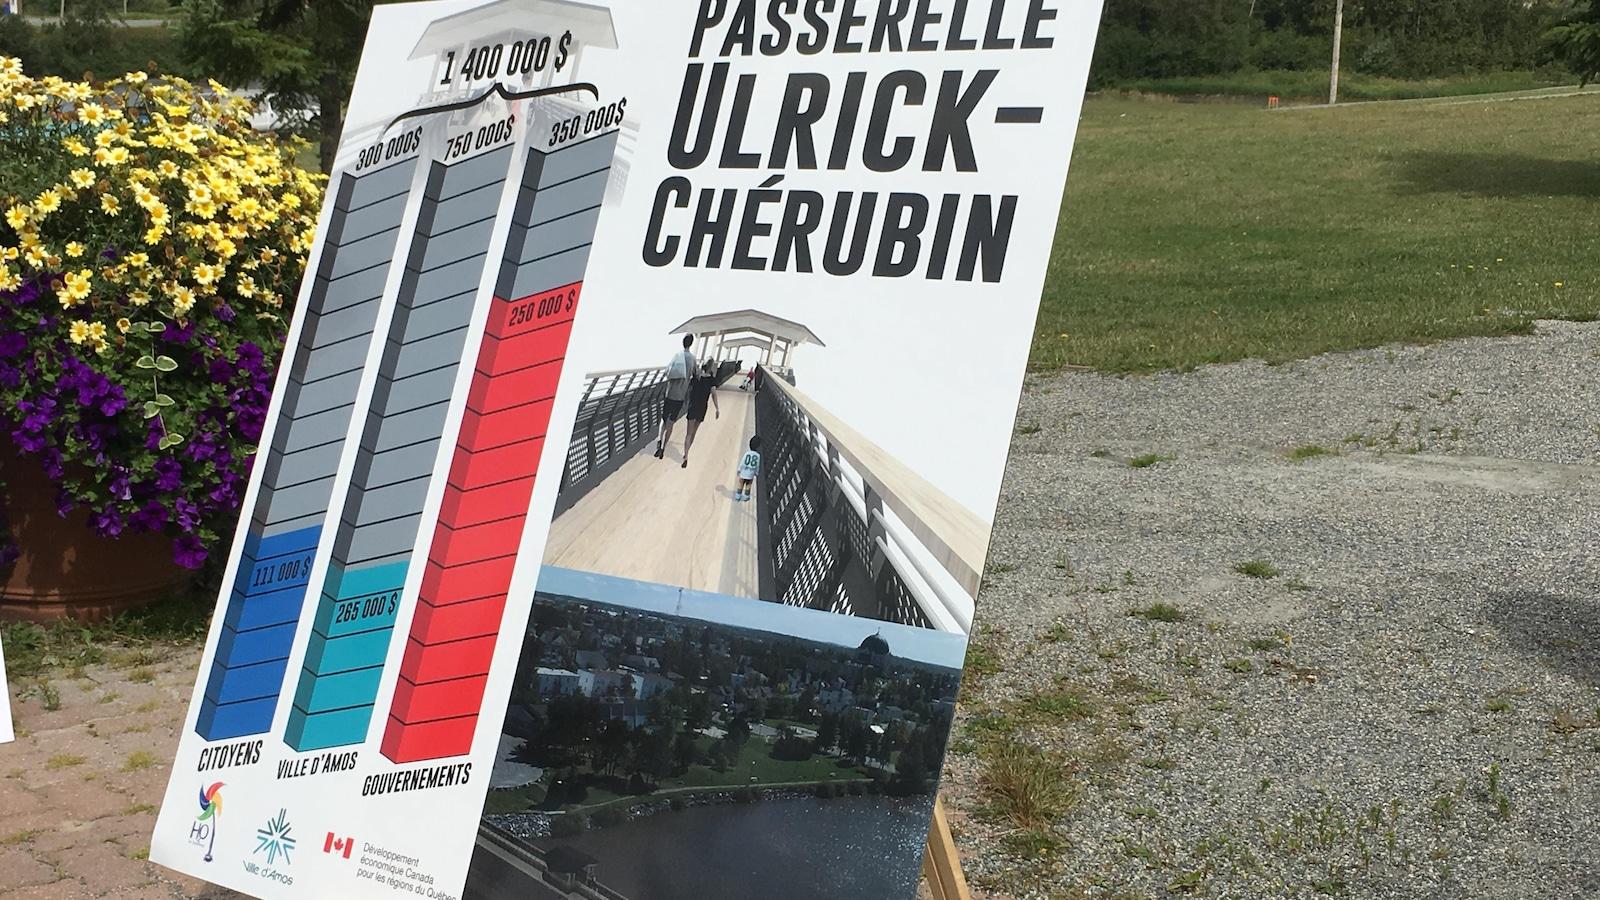 Première pelletée de terre des travaux pour l'aménagement de la passerelle Ulrick-Chérubin